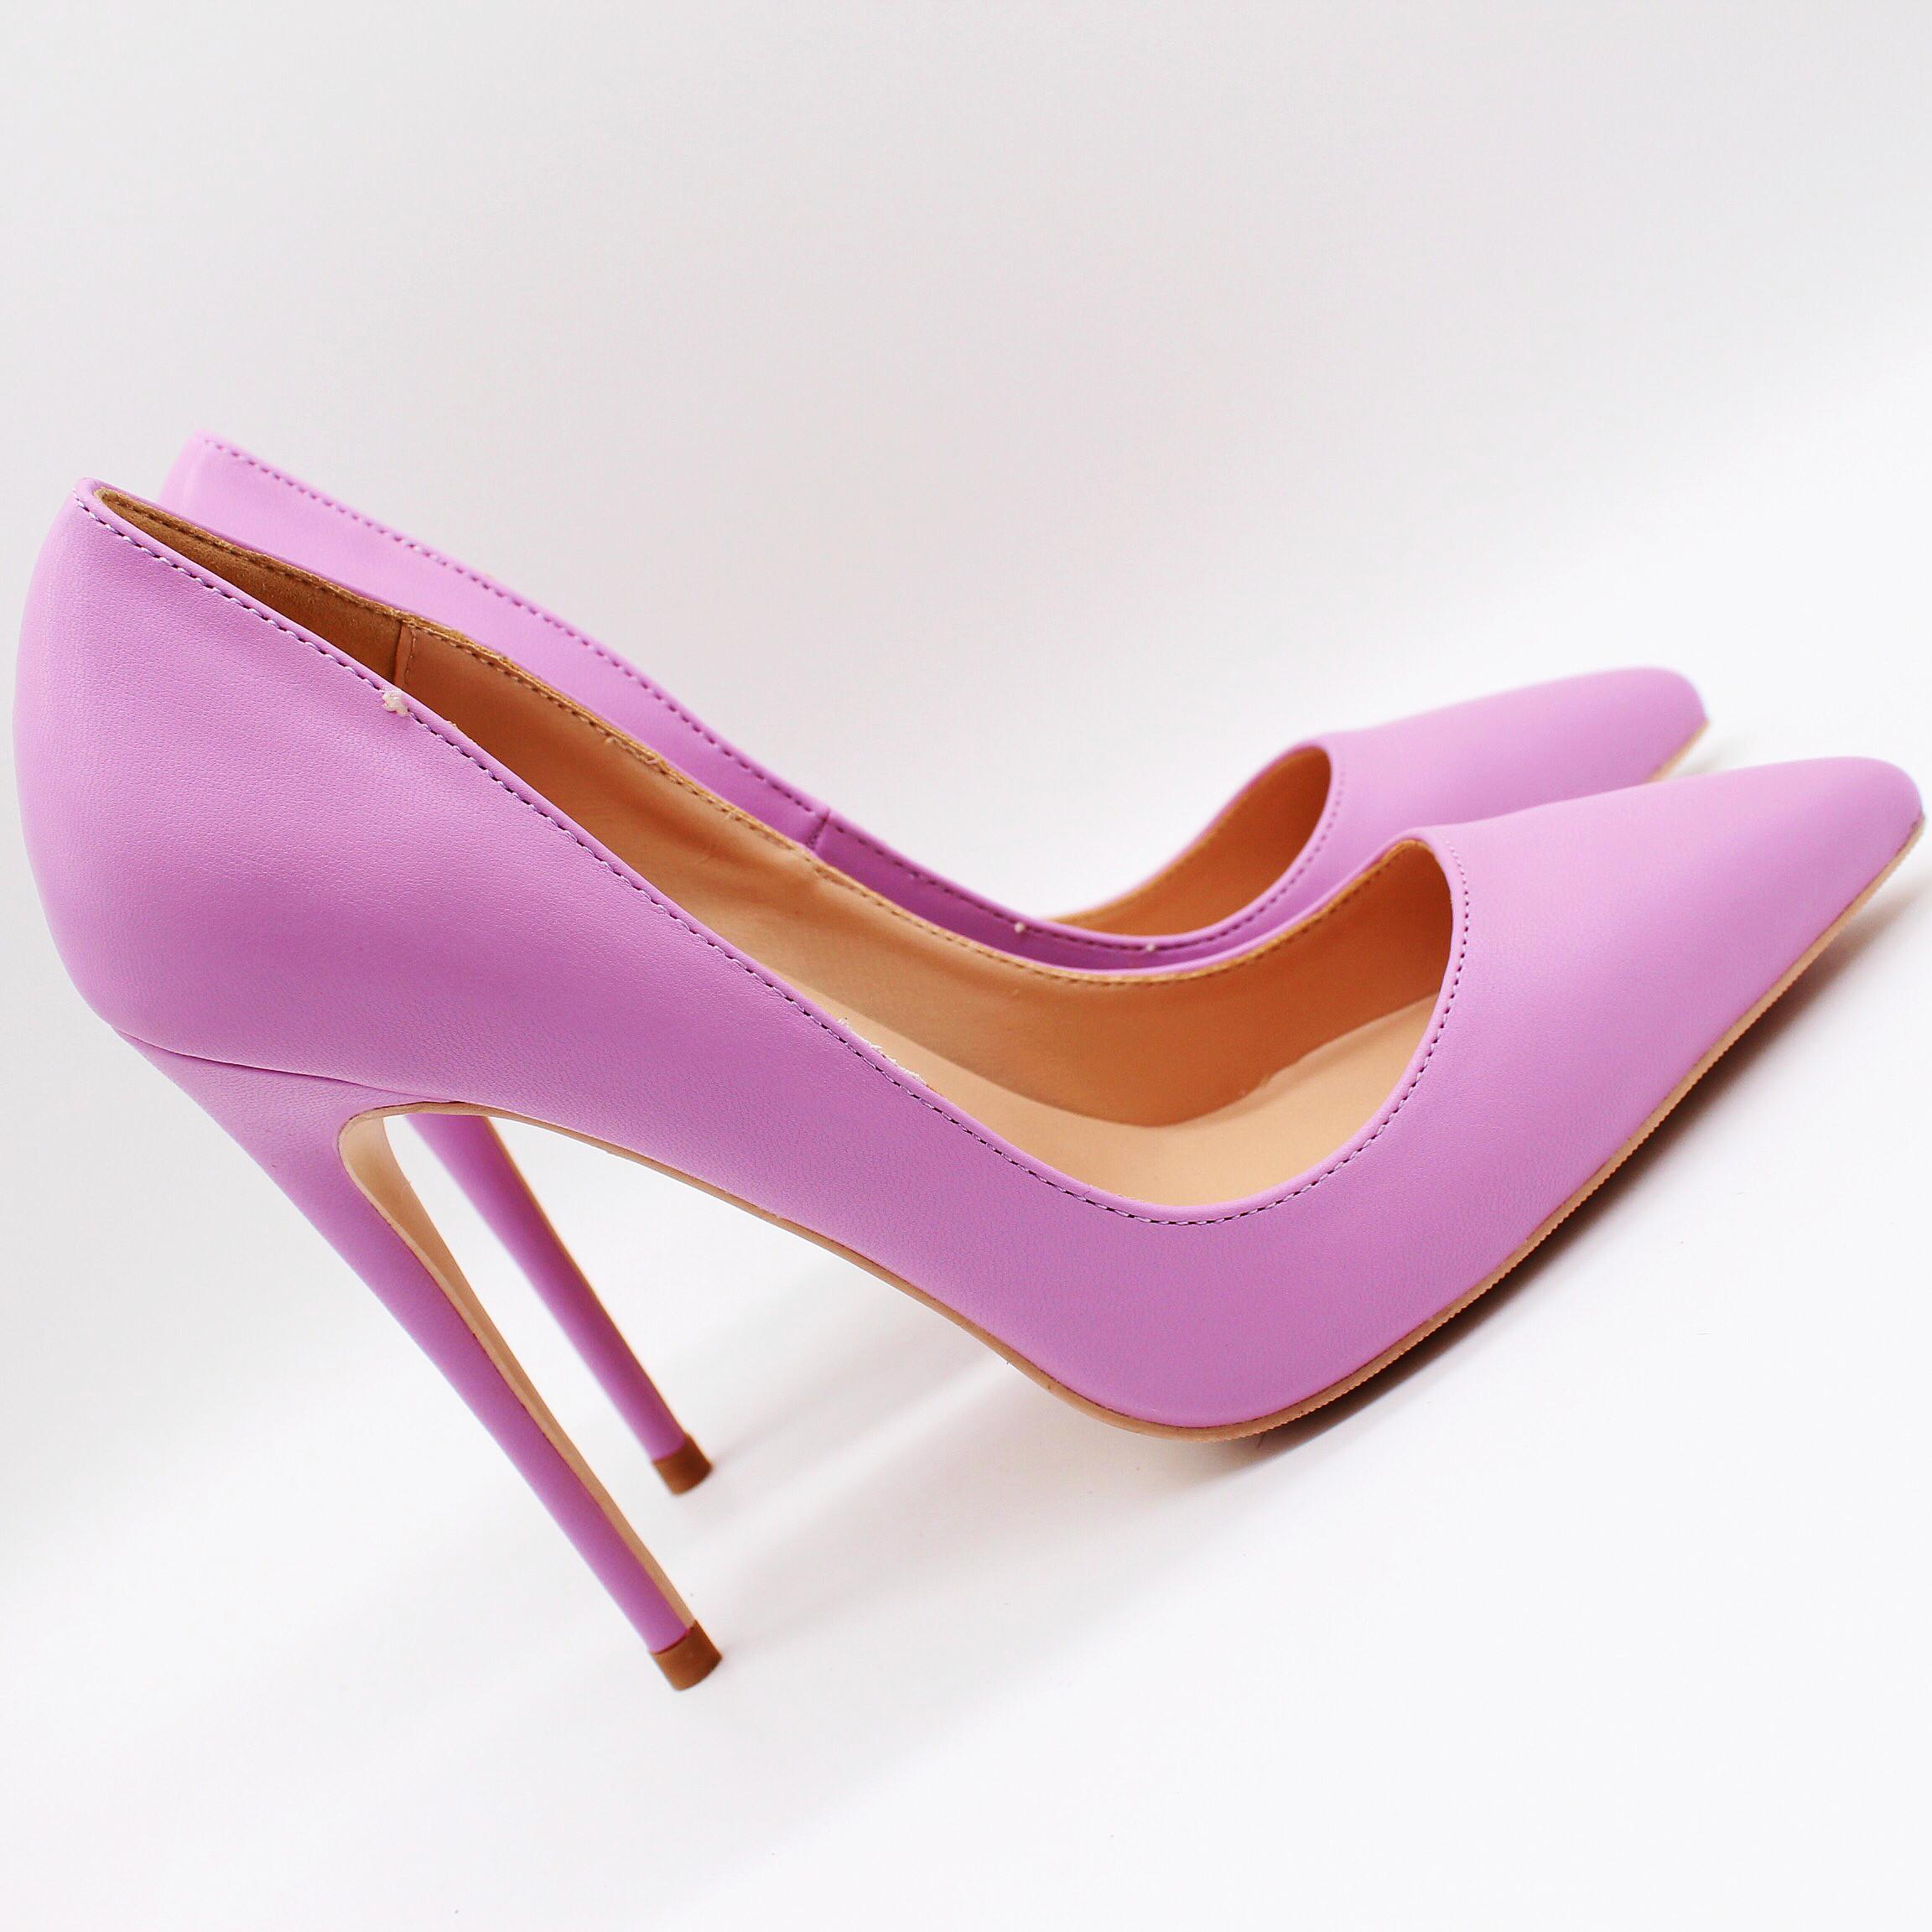 Blingbling Frauen Schuhe mit hohen lila Stilettos Fersen mattes Leder Punkt Zehe reizvolle Absatzpumpen Hochzeit Schuhe pumpt 12cm 10cm 8cm praty